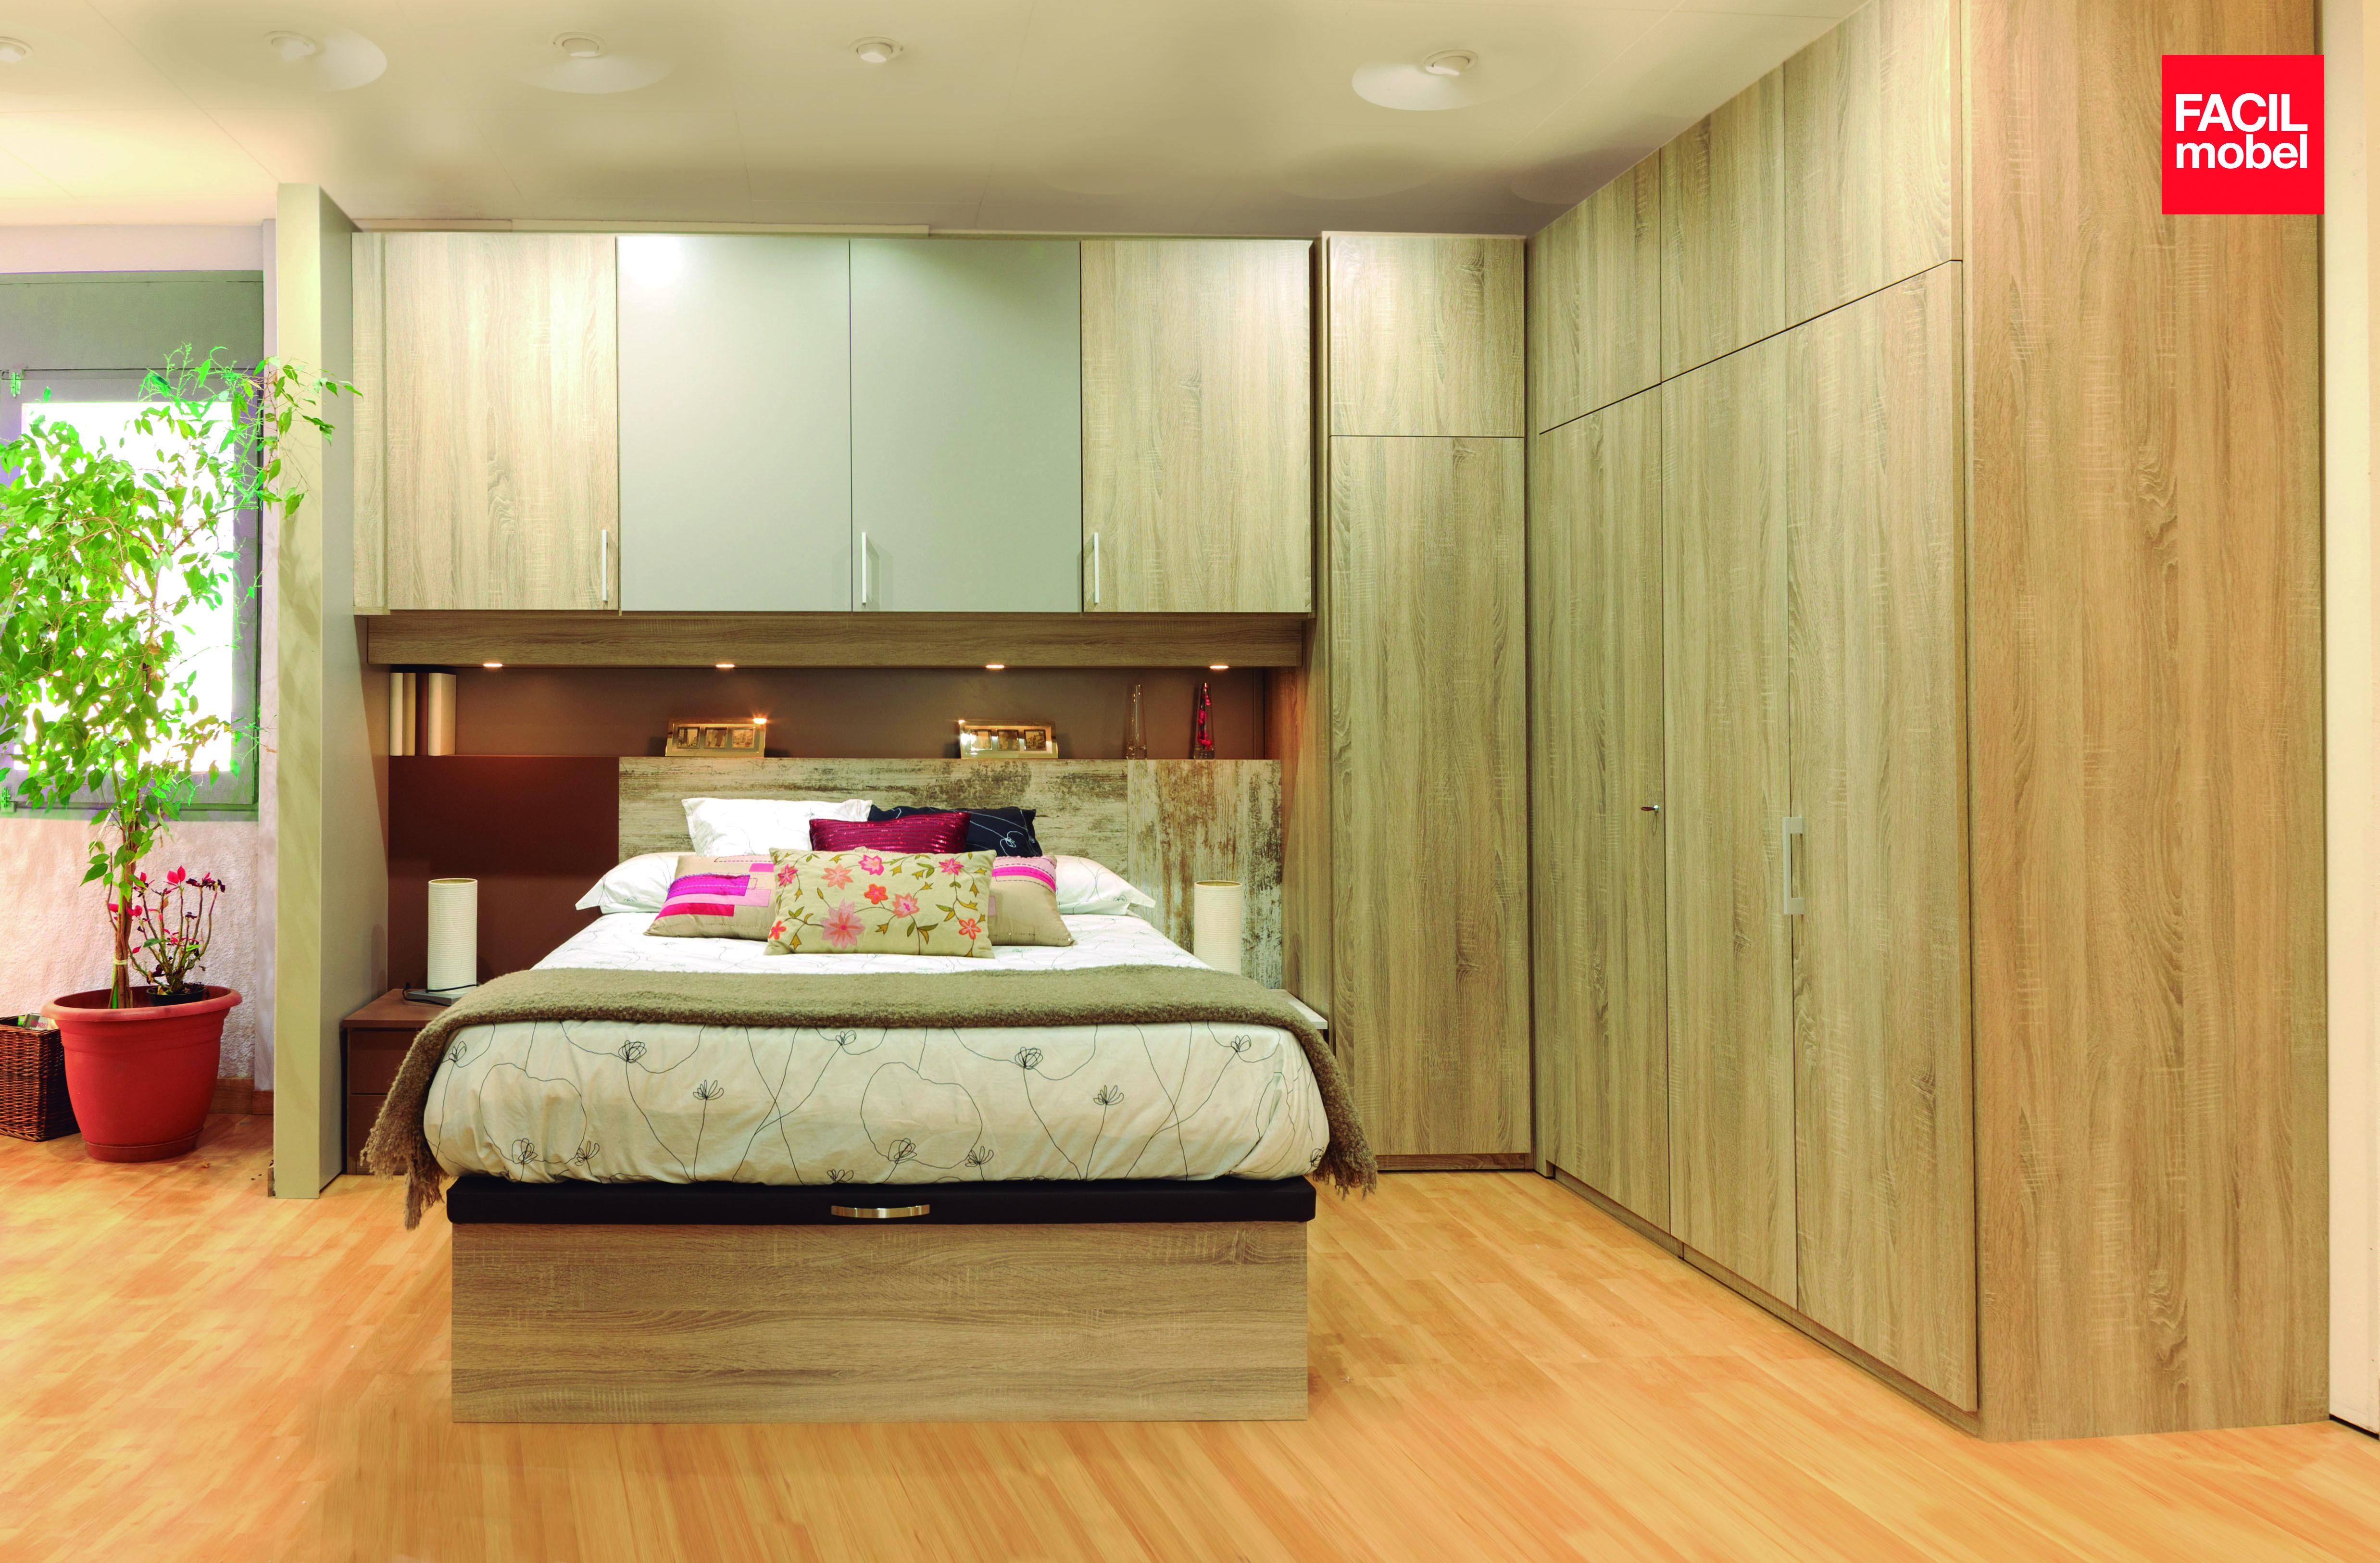 Dormitorios De Matrimonio Modernos Y De Diseño Facil Mobel Dormitorios Dormitorio De Matrimonio Muebles A Medida